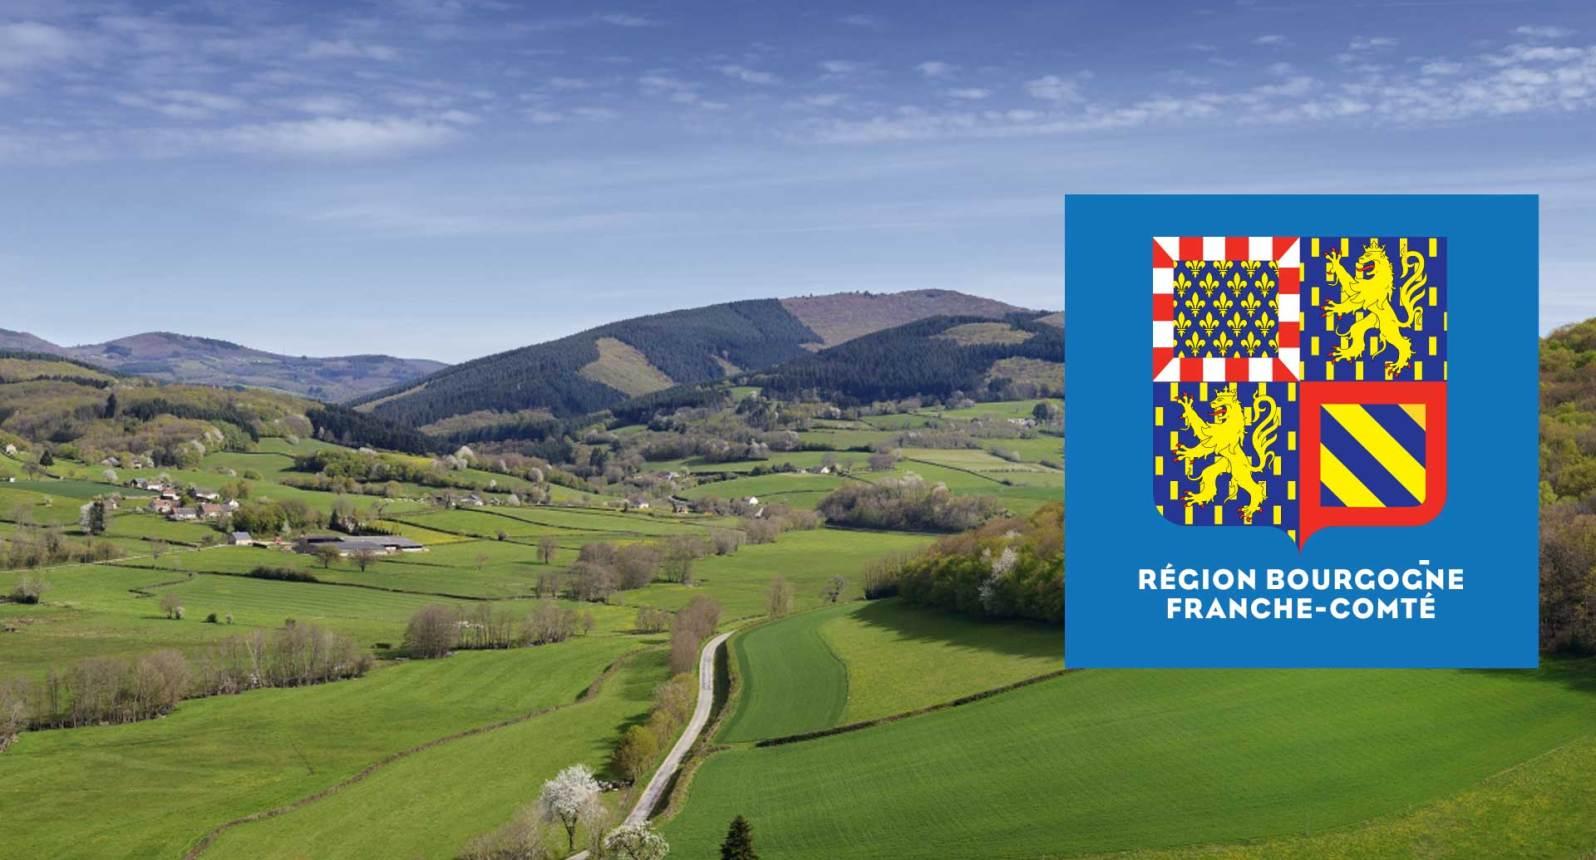 Plaque Immatriculation et Bourgogne Franche Comté